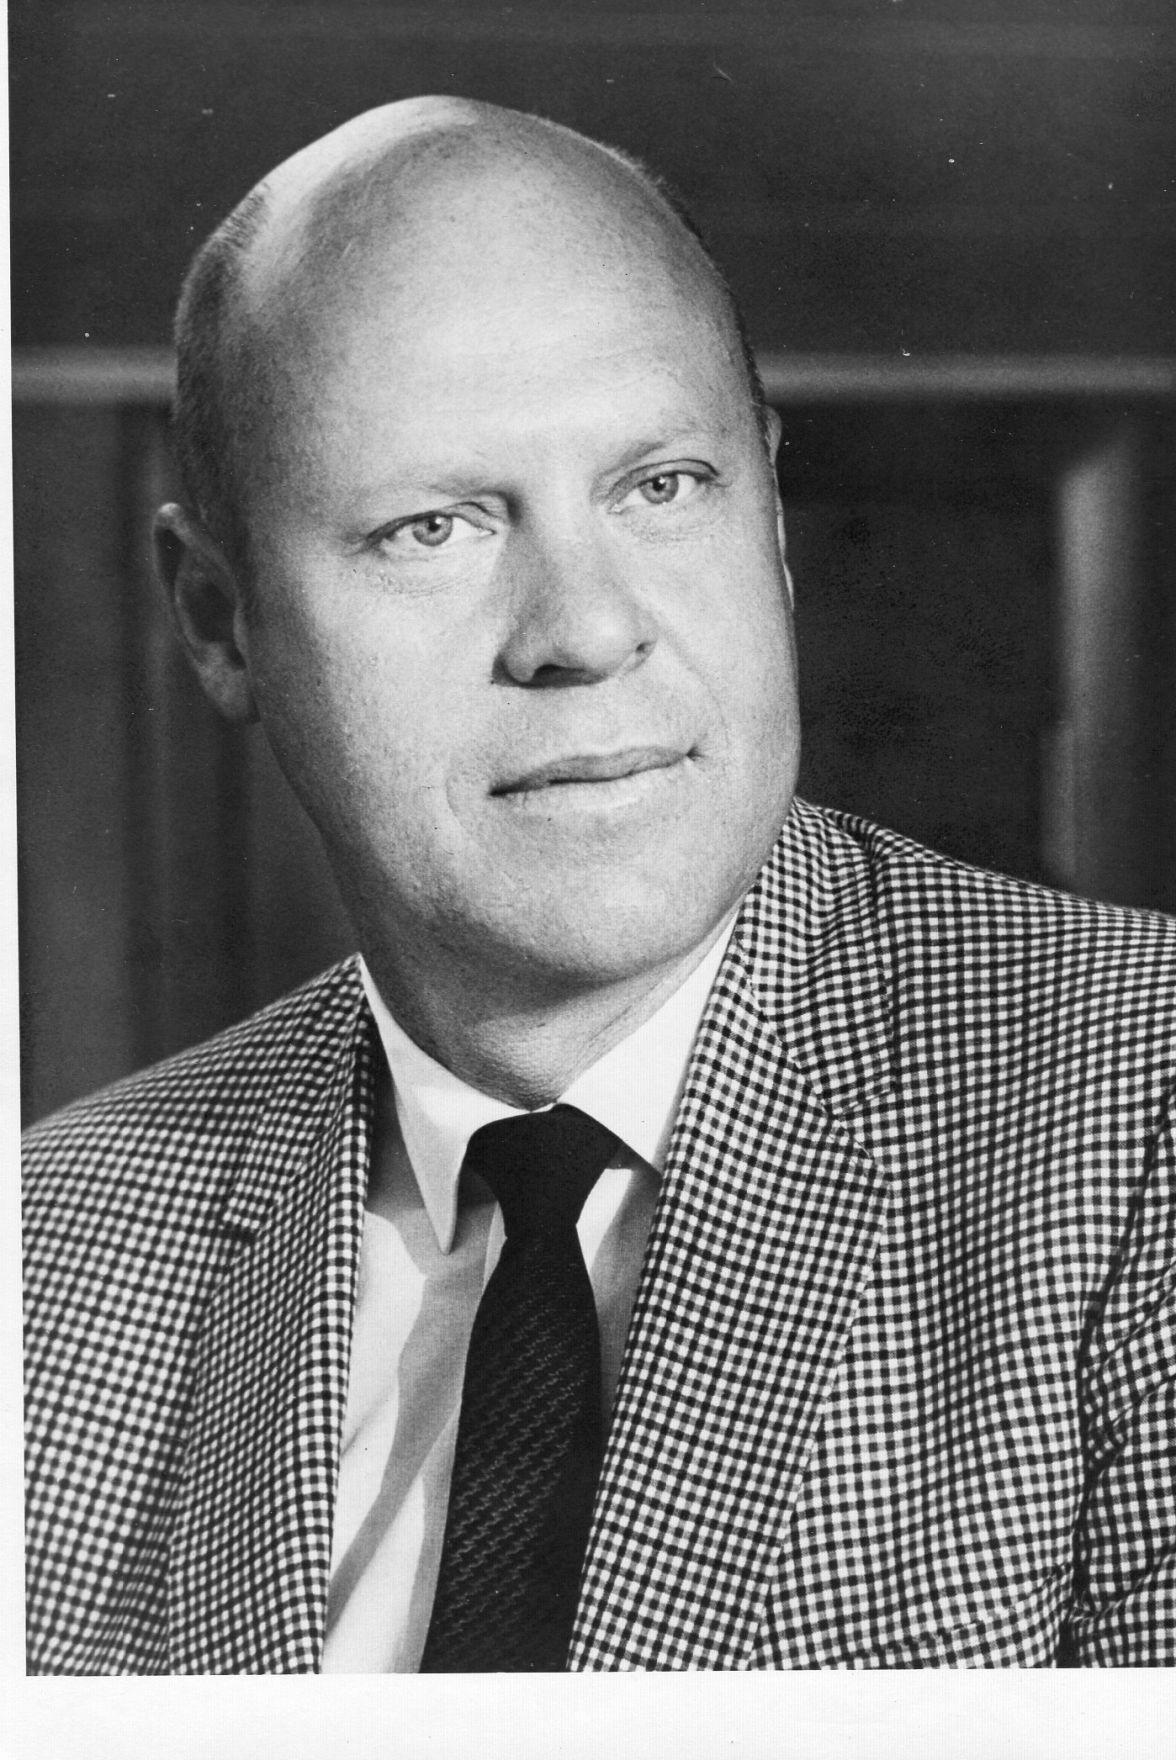 Dean White left major legacy